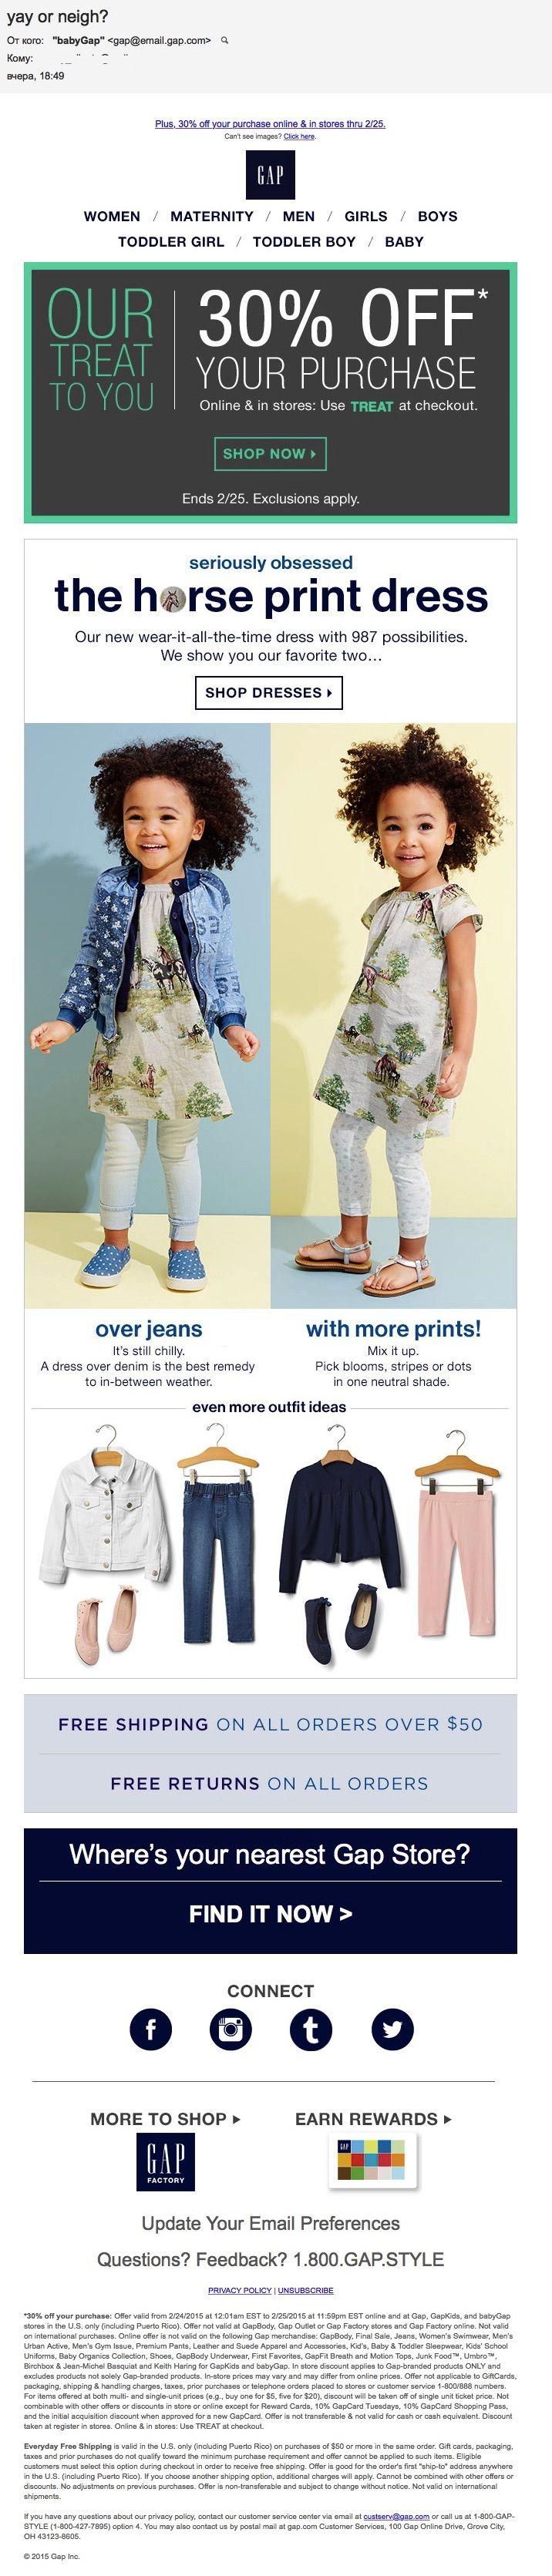 babyGap: еженедельное письмо (24.02.15). О том, как с одним платьем можно создать несколько образов. Визуализация помогает подписчикам определиться с выбором.